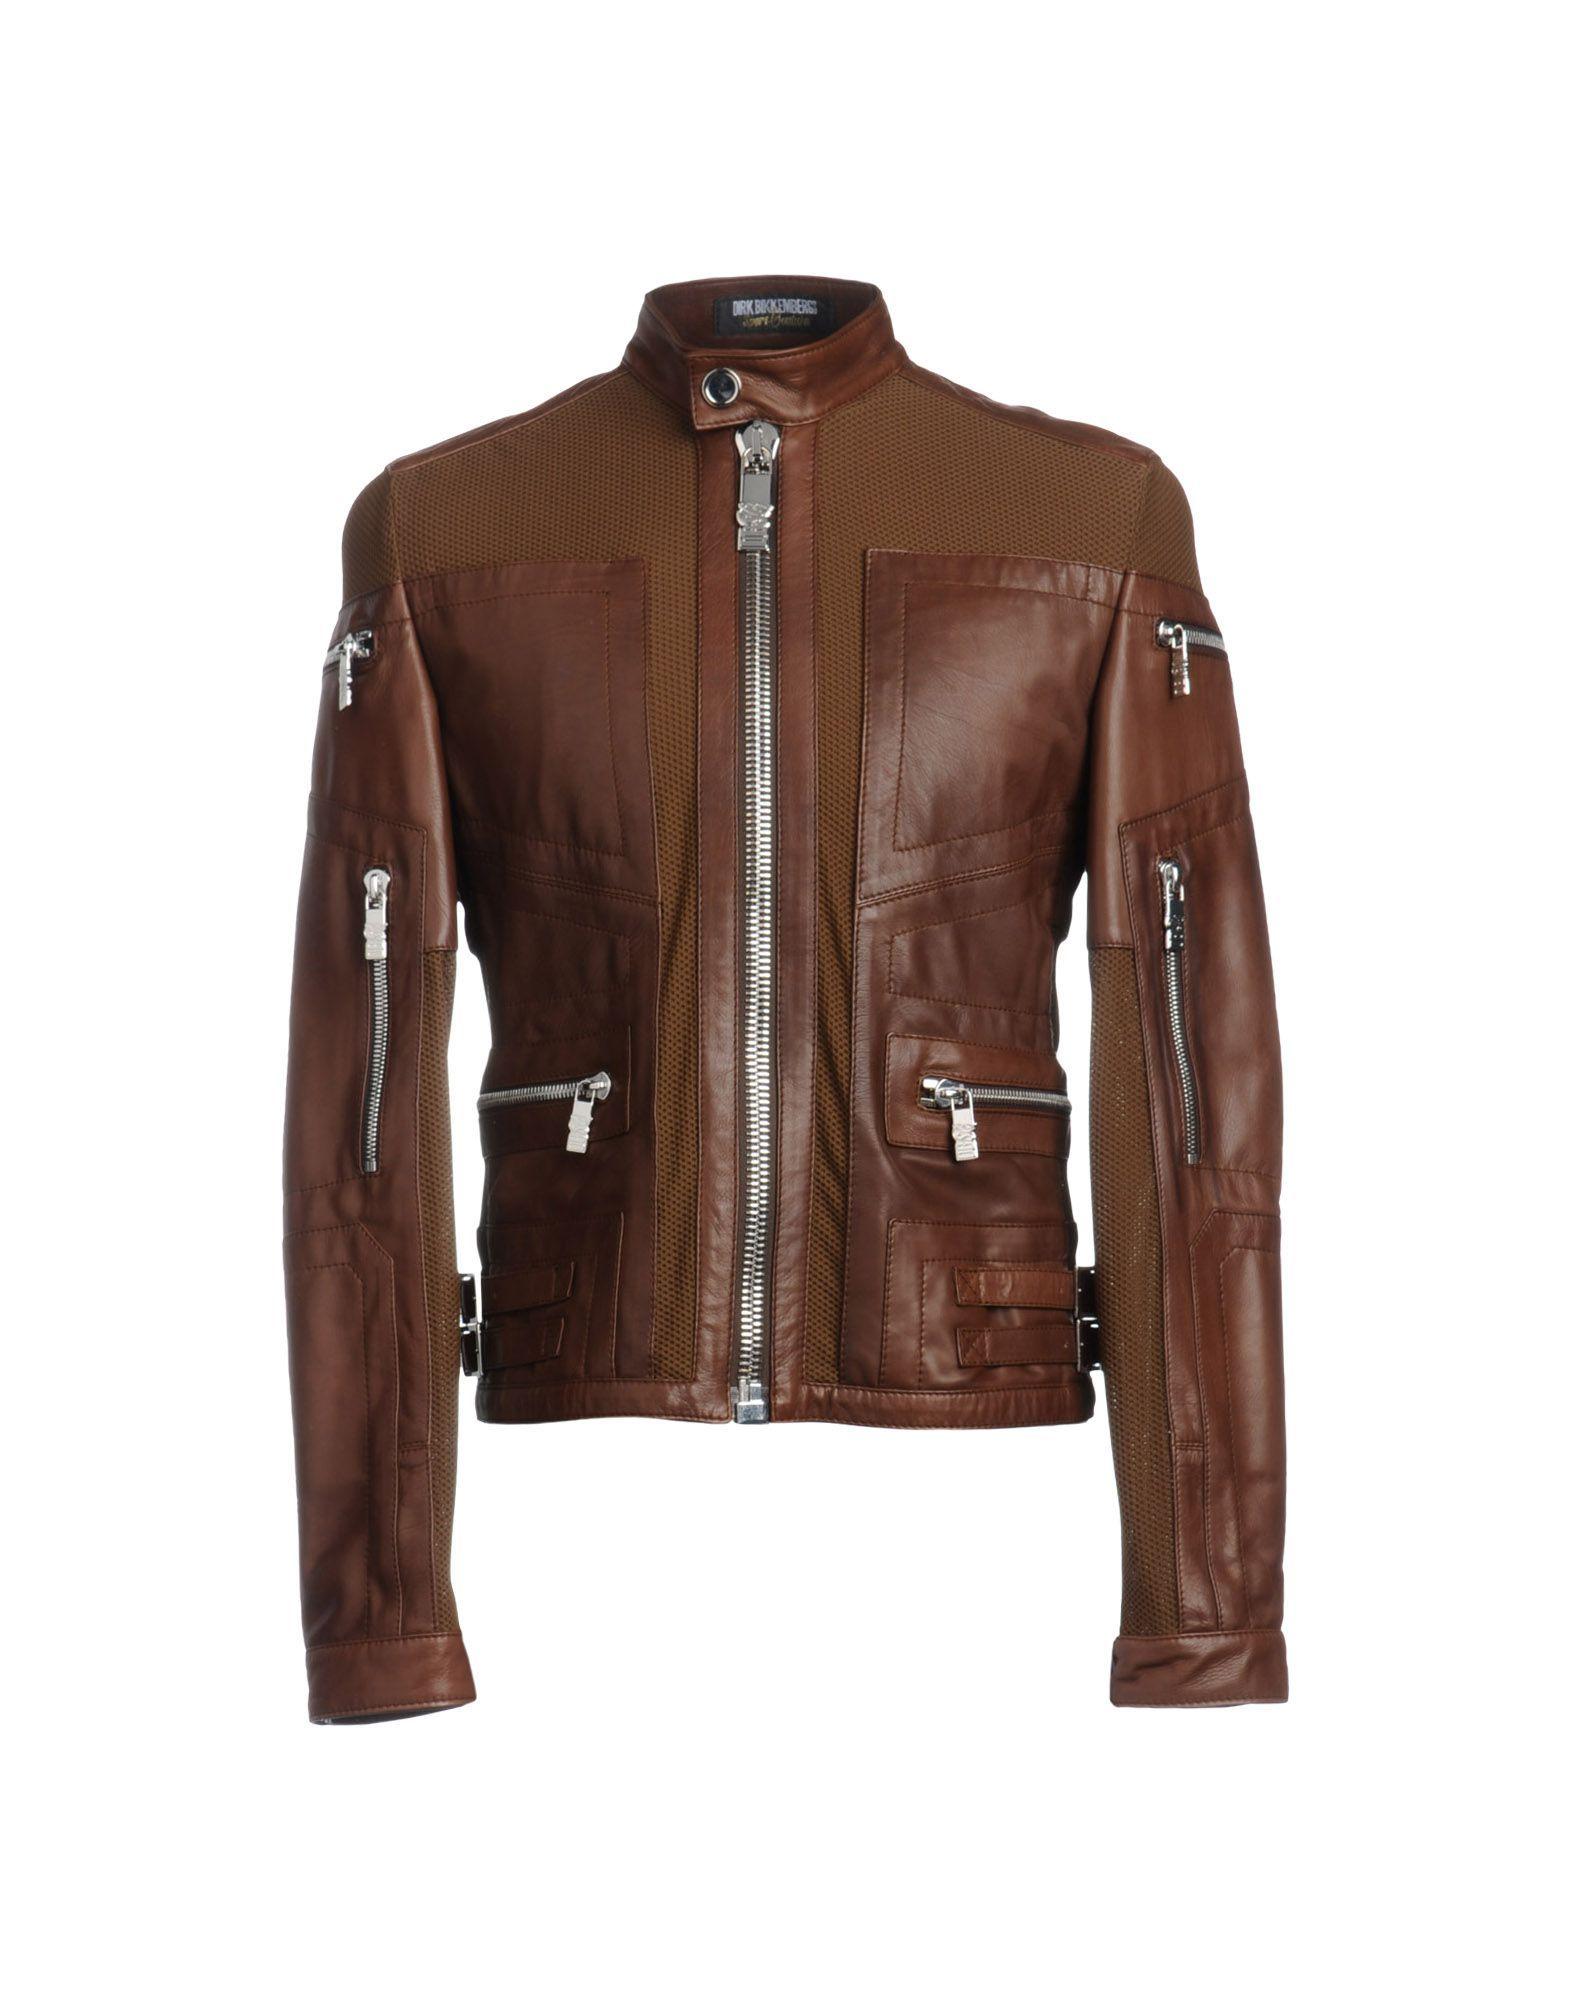 Dirk bikkembergs sport couture Men - Coats & jackets - Jacket Dirk bikkembergs sport couture on YOOX